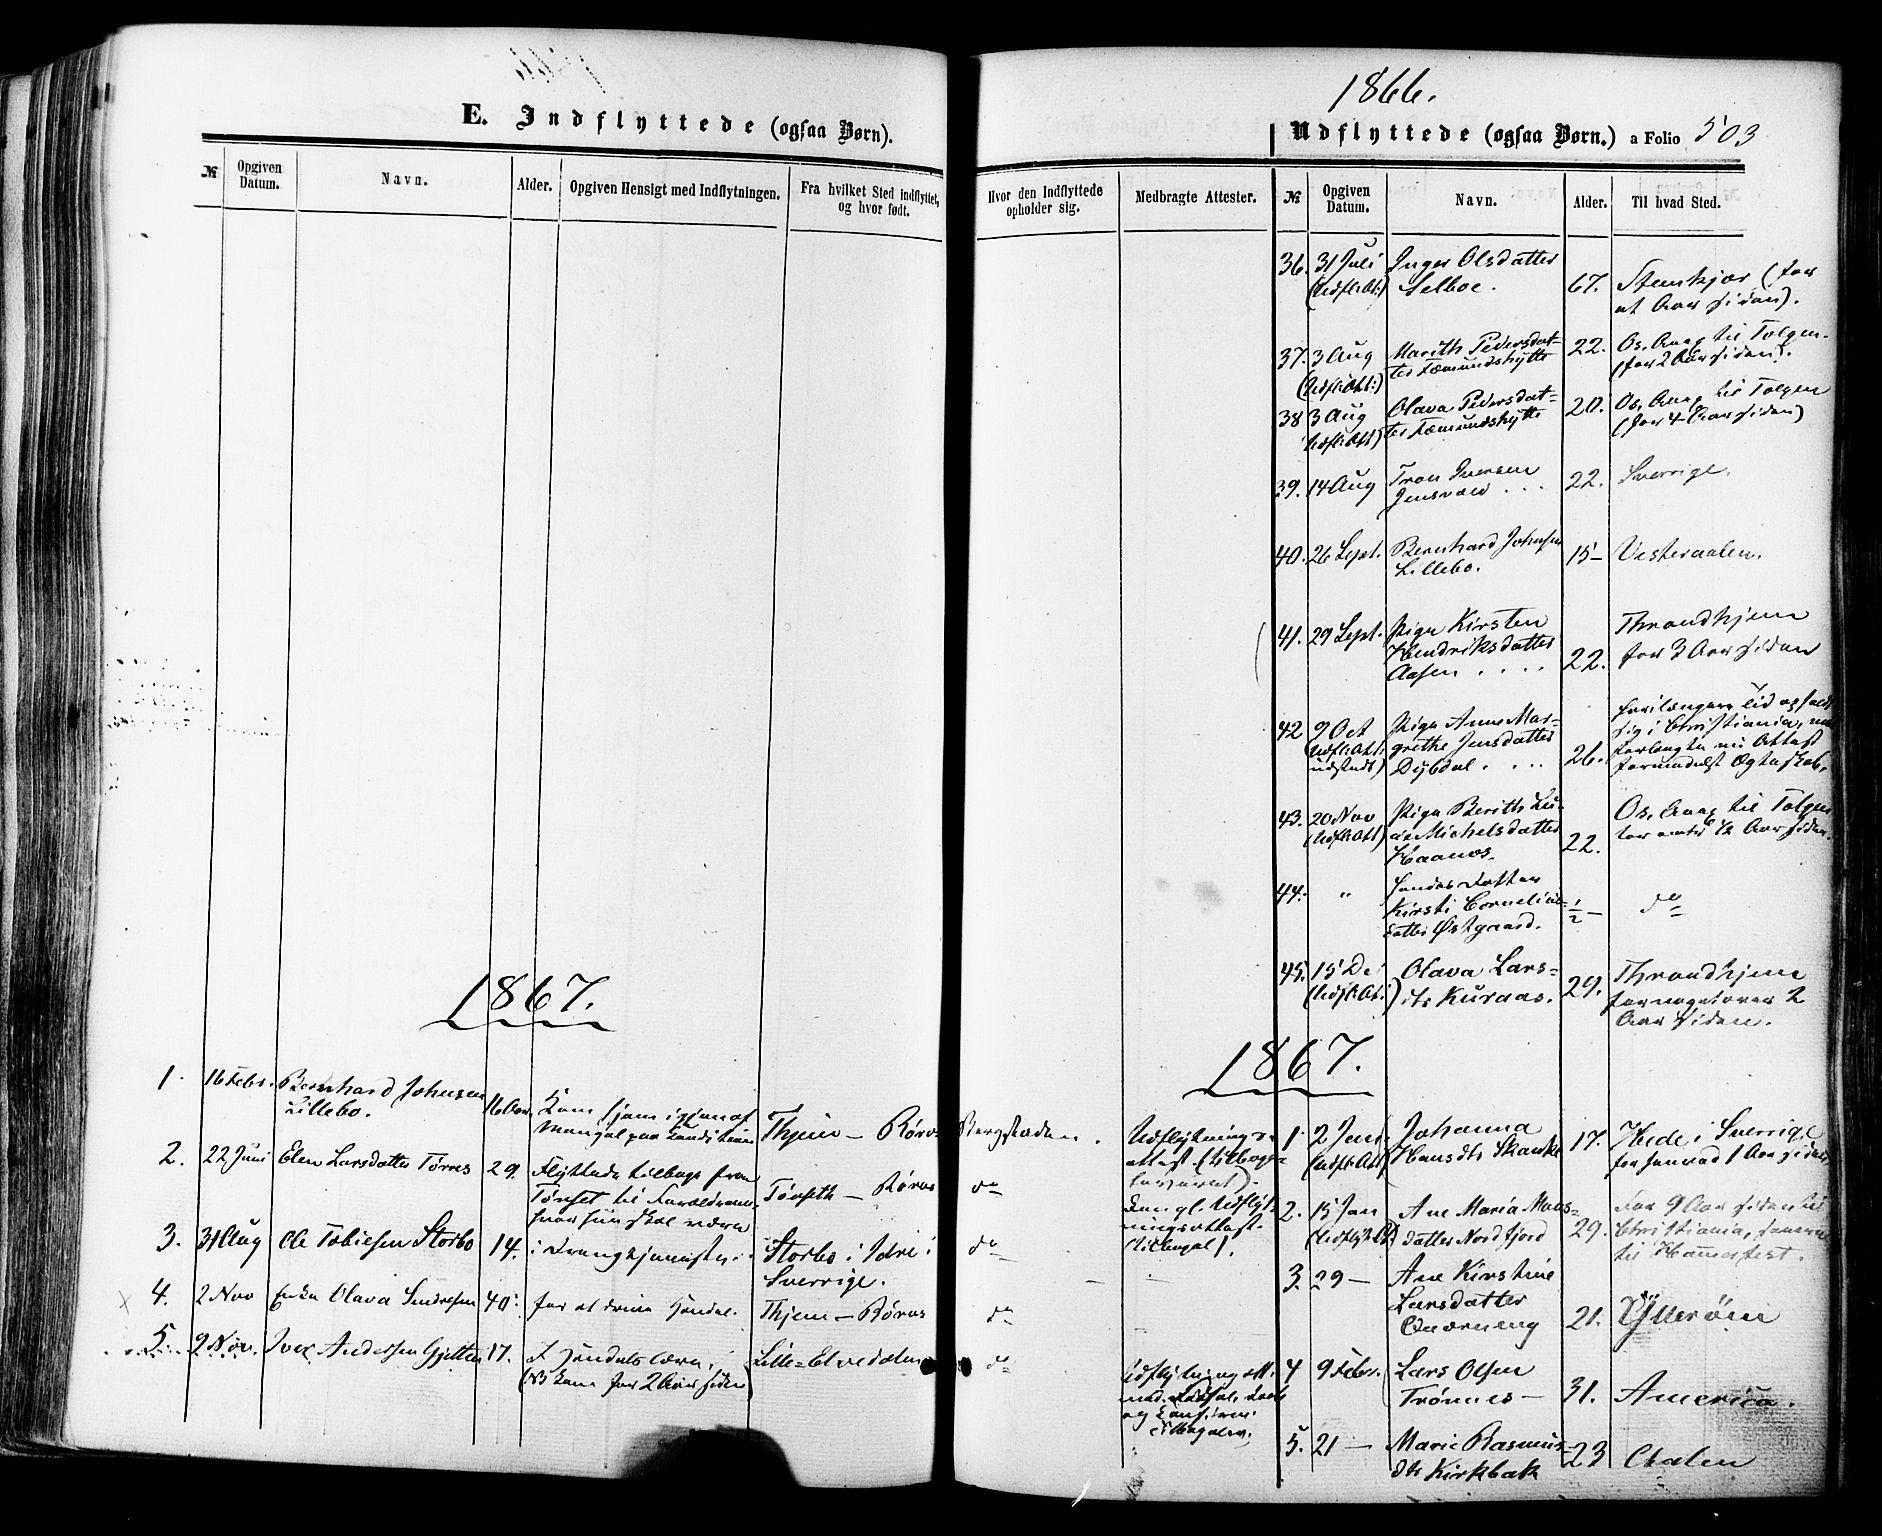 SAT, Ministerialprotokoller, klokkerbøker og fødselsregistre - Sør-Trøndelag, 681/L0932: Ministerialbok nr. 681A10, 1860-1878, s. 503